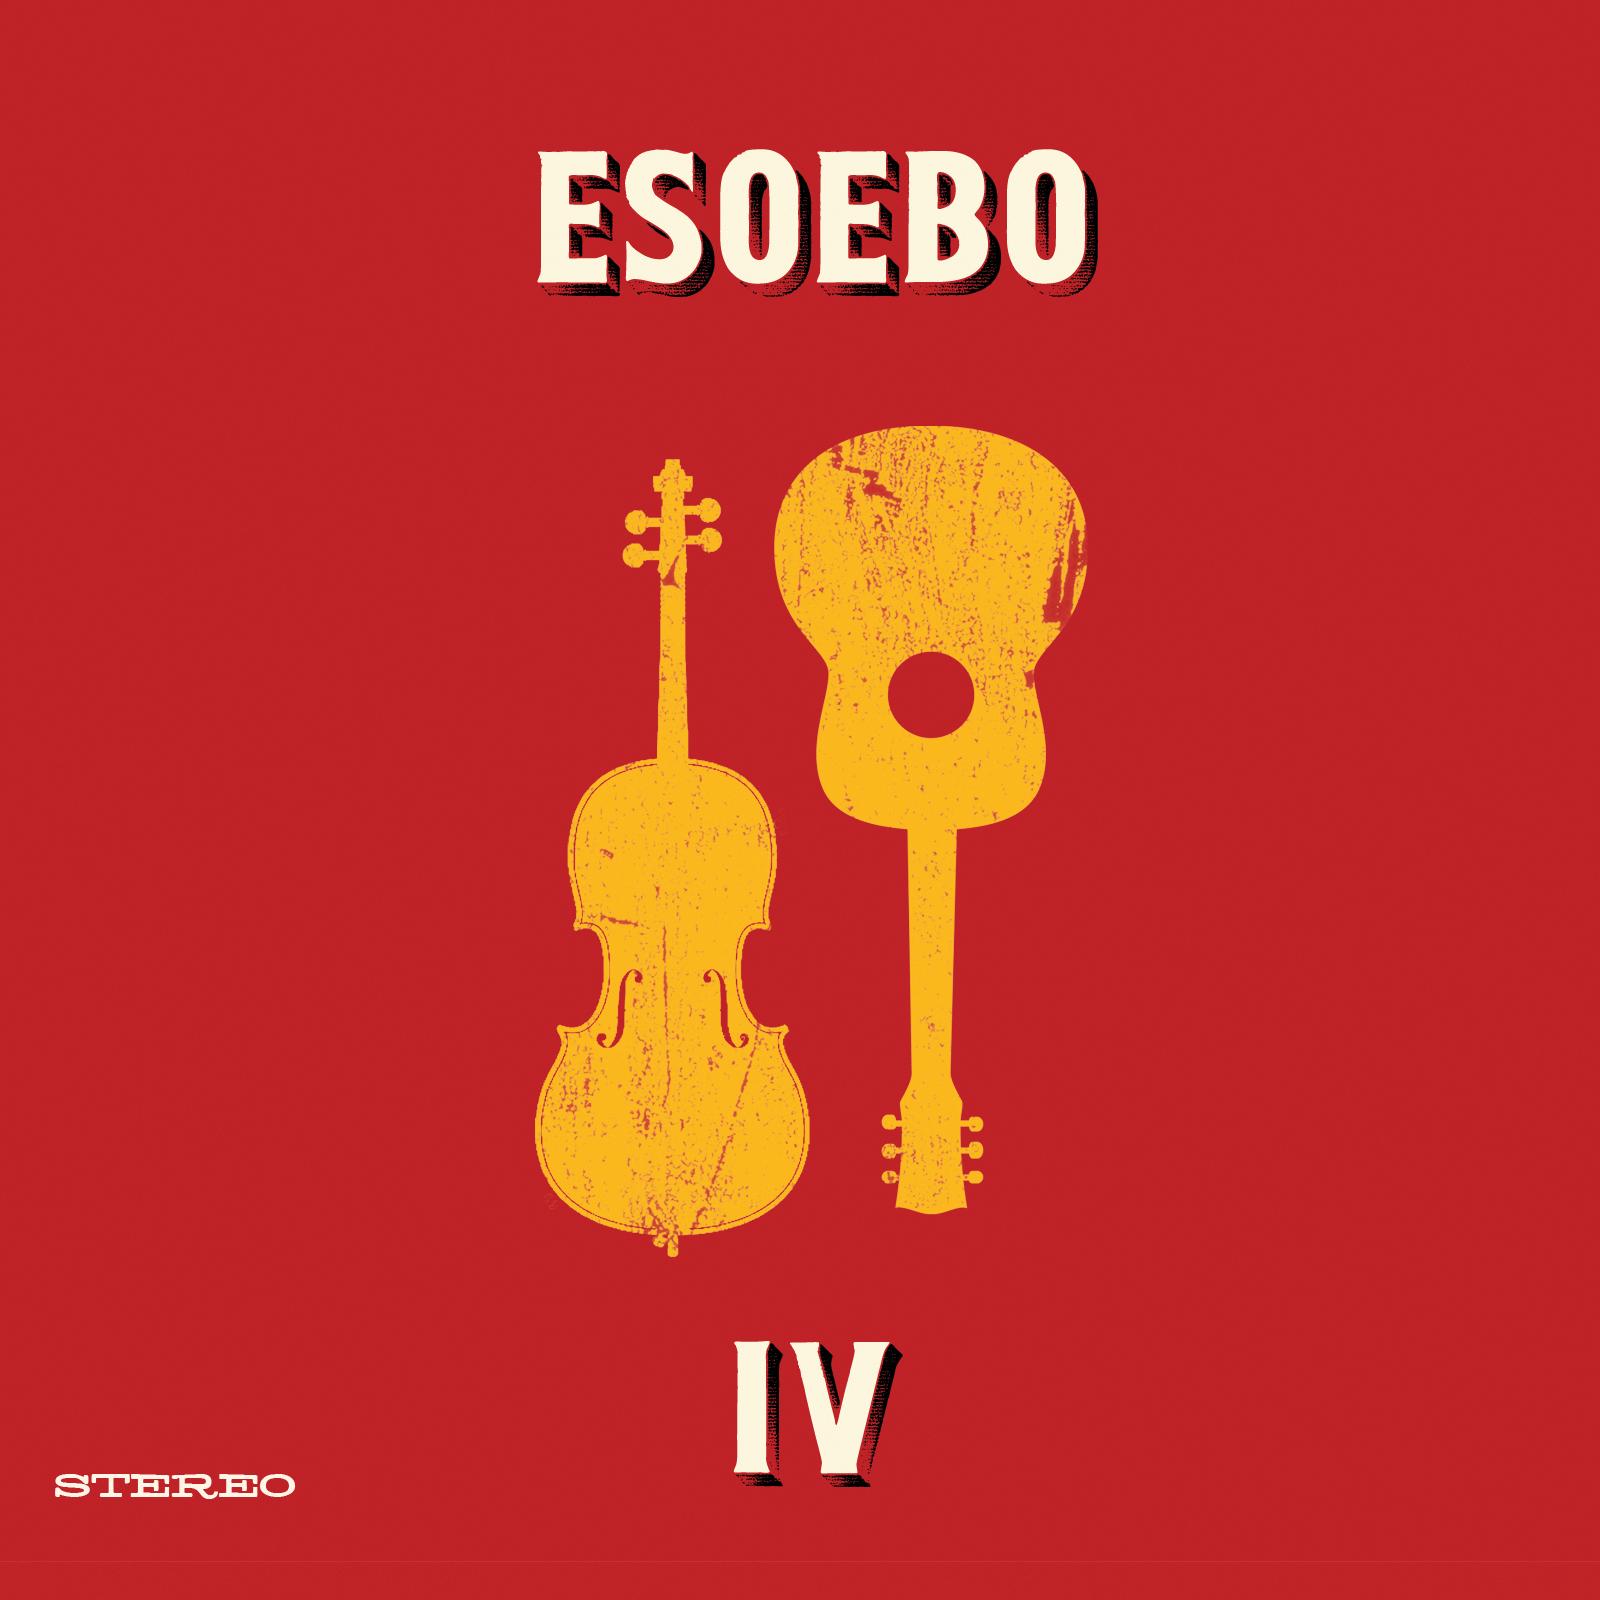 Esoebo - IV